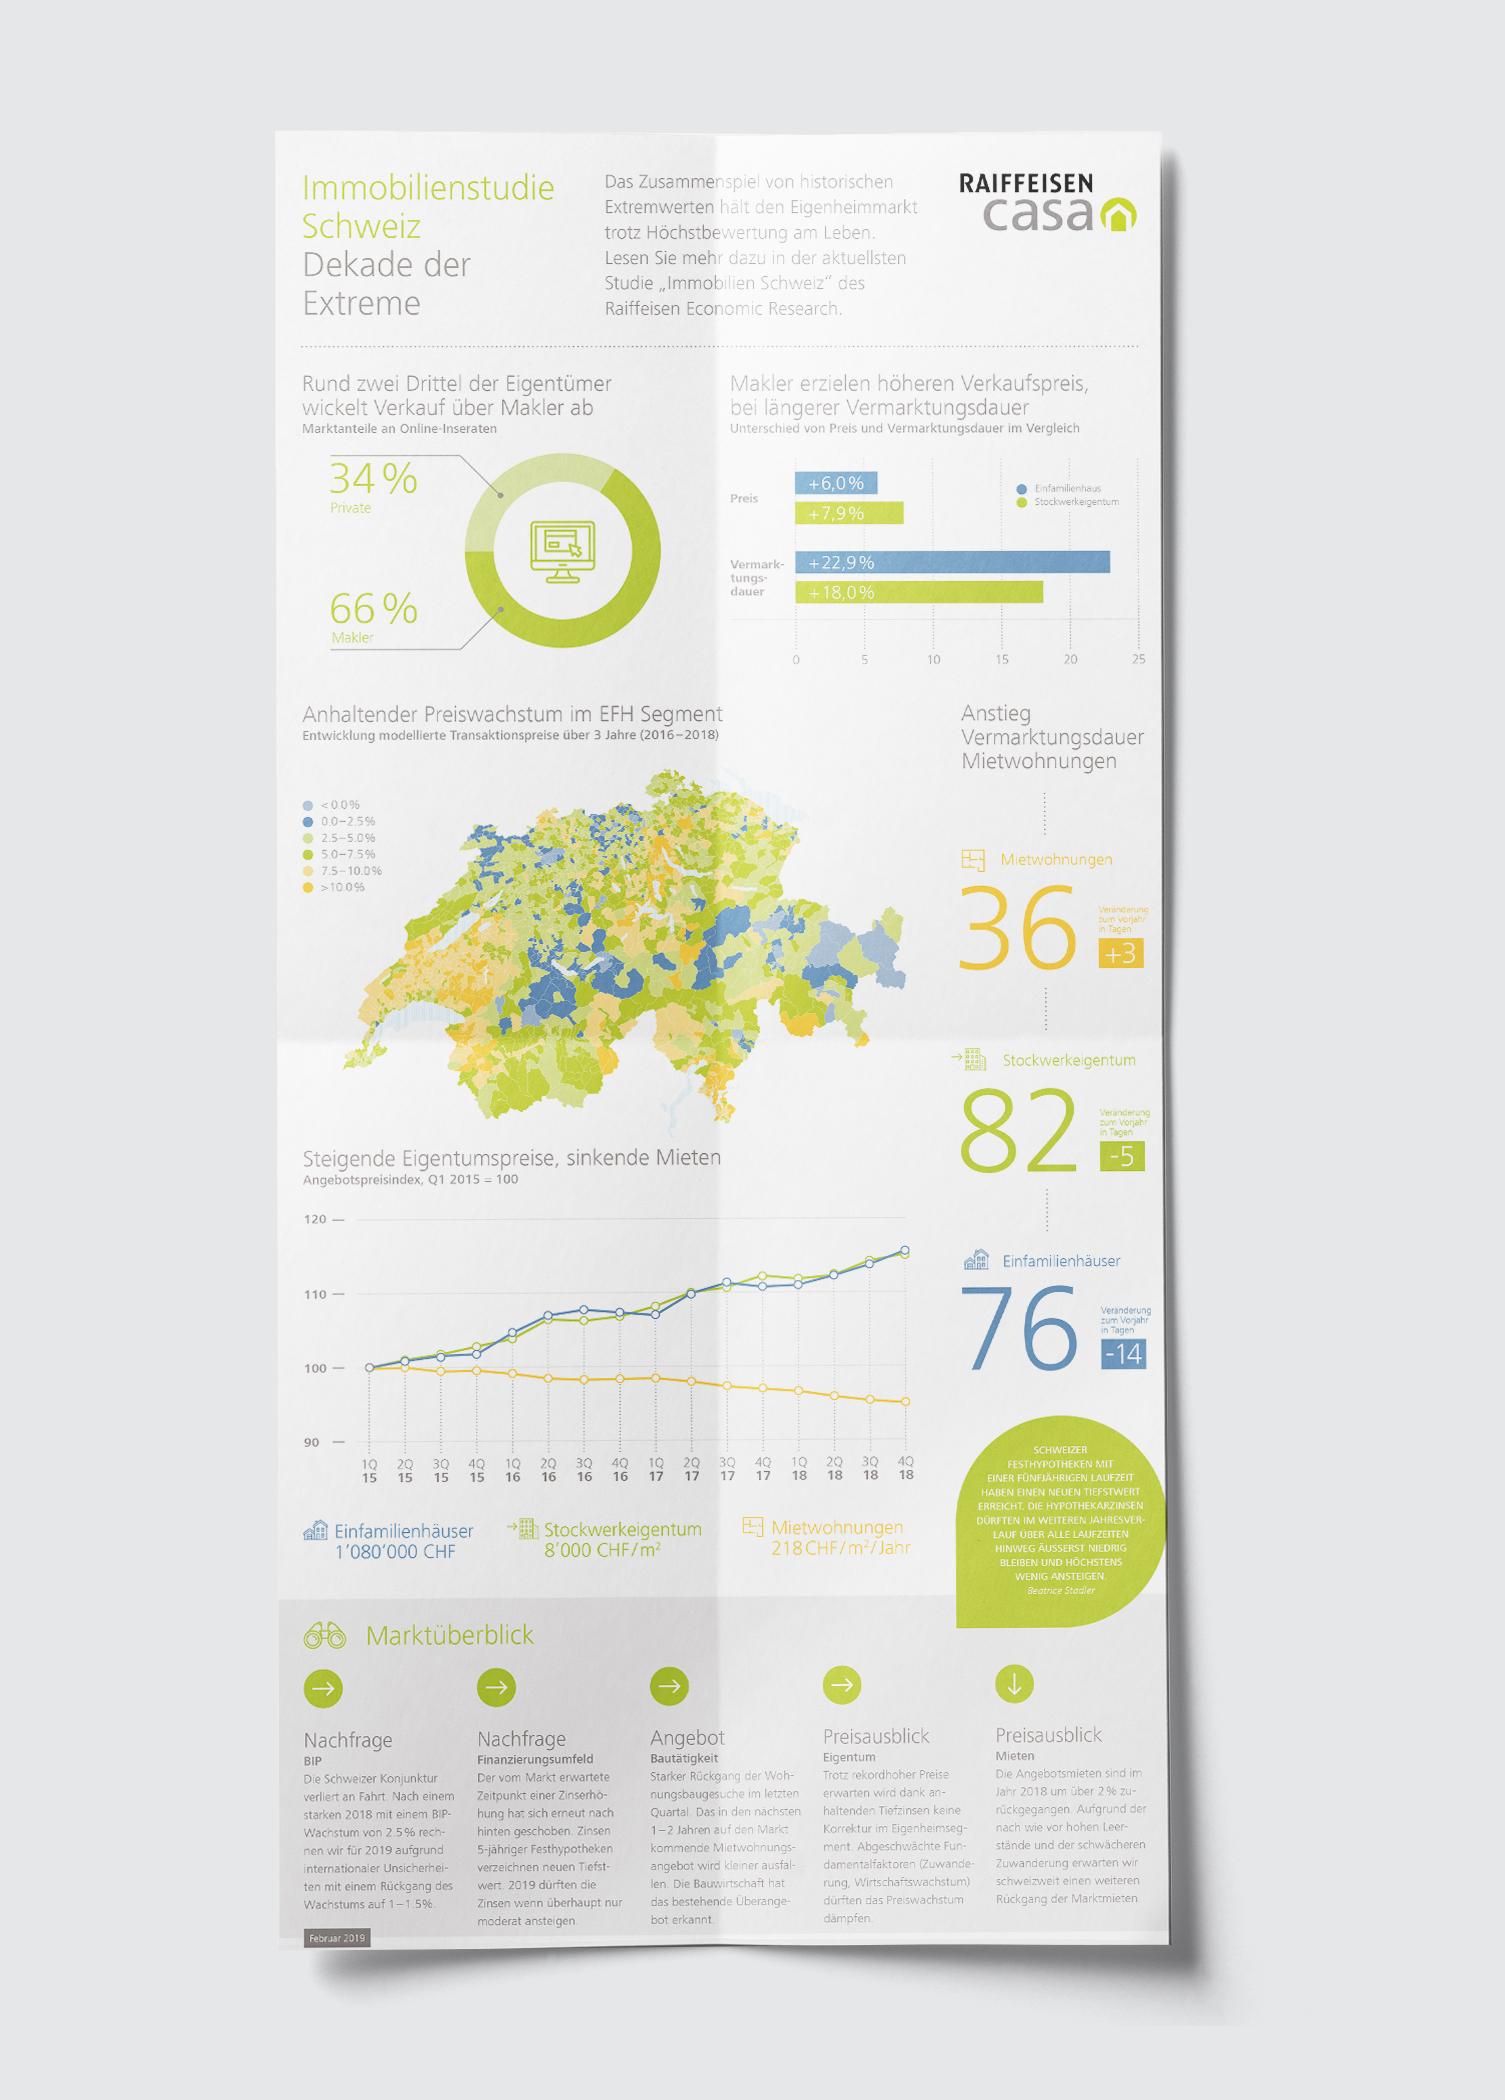 infografik Raffeisen Casa Schweiz 4